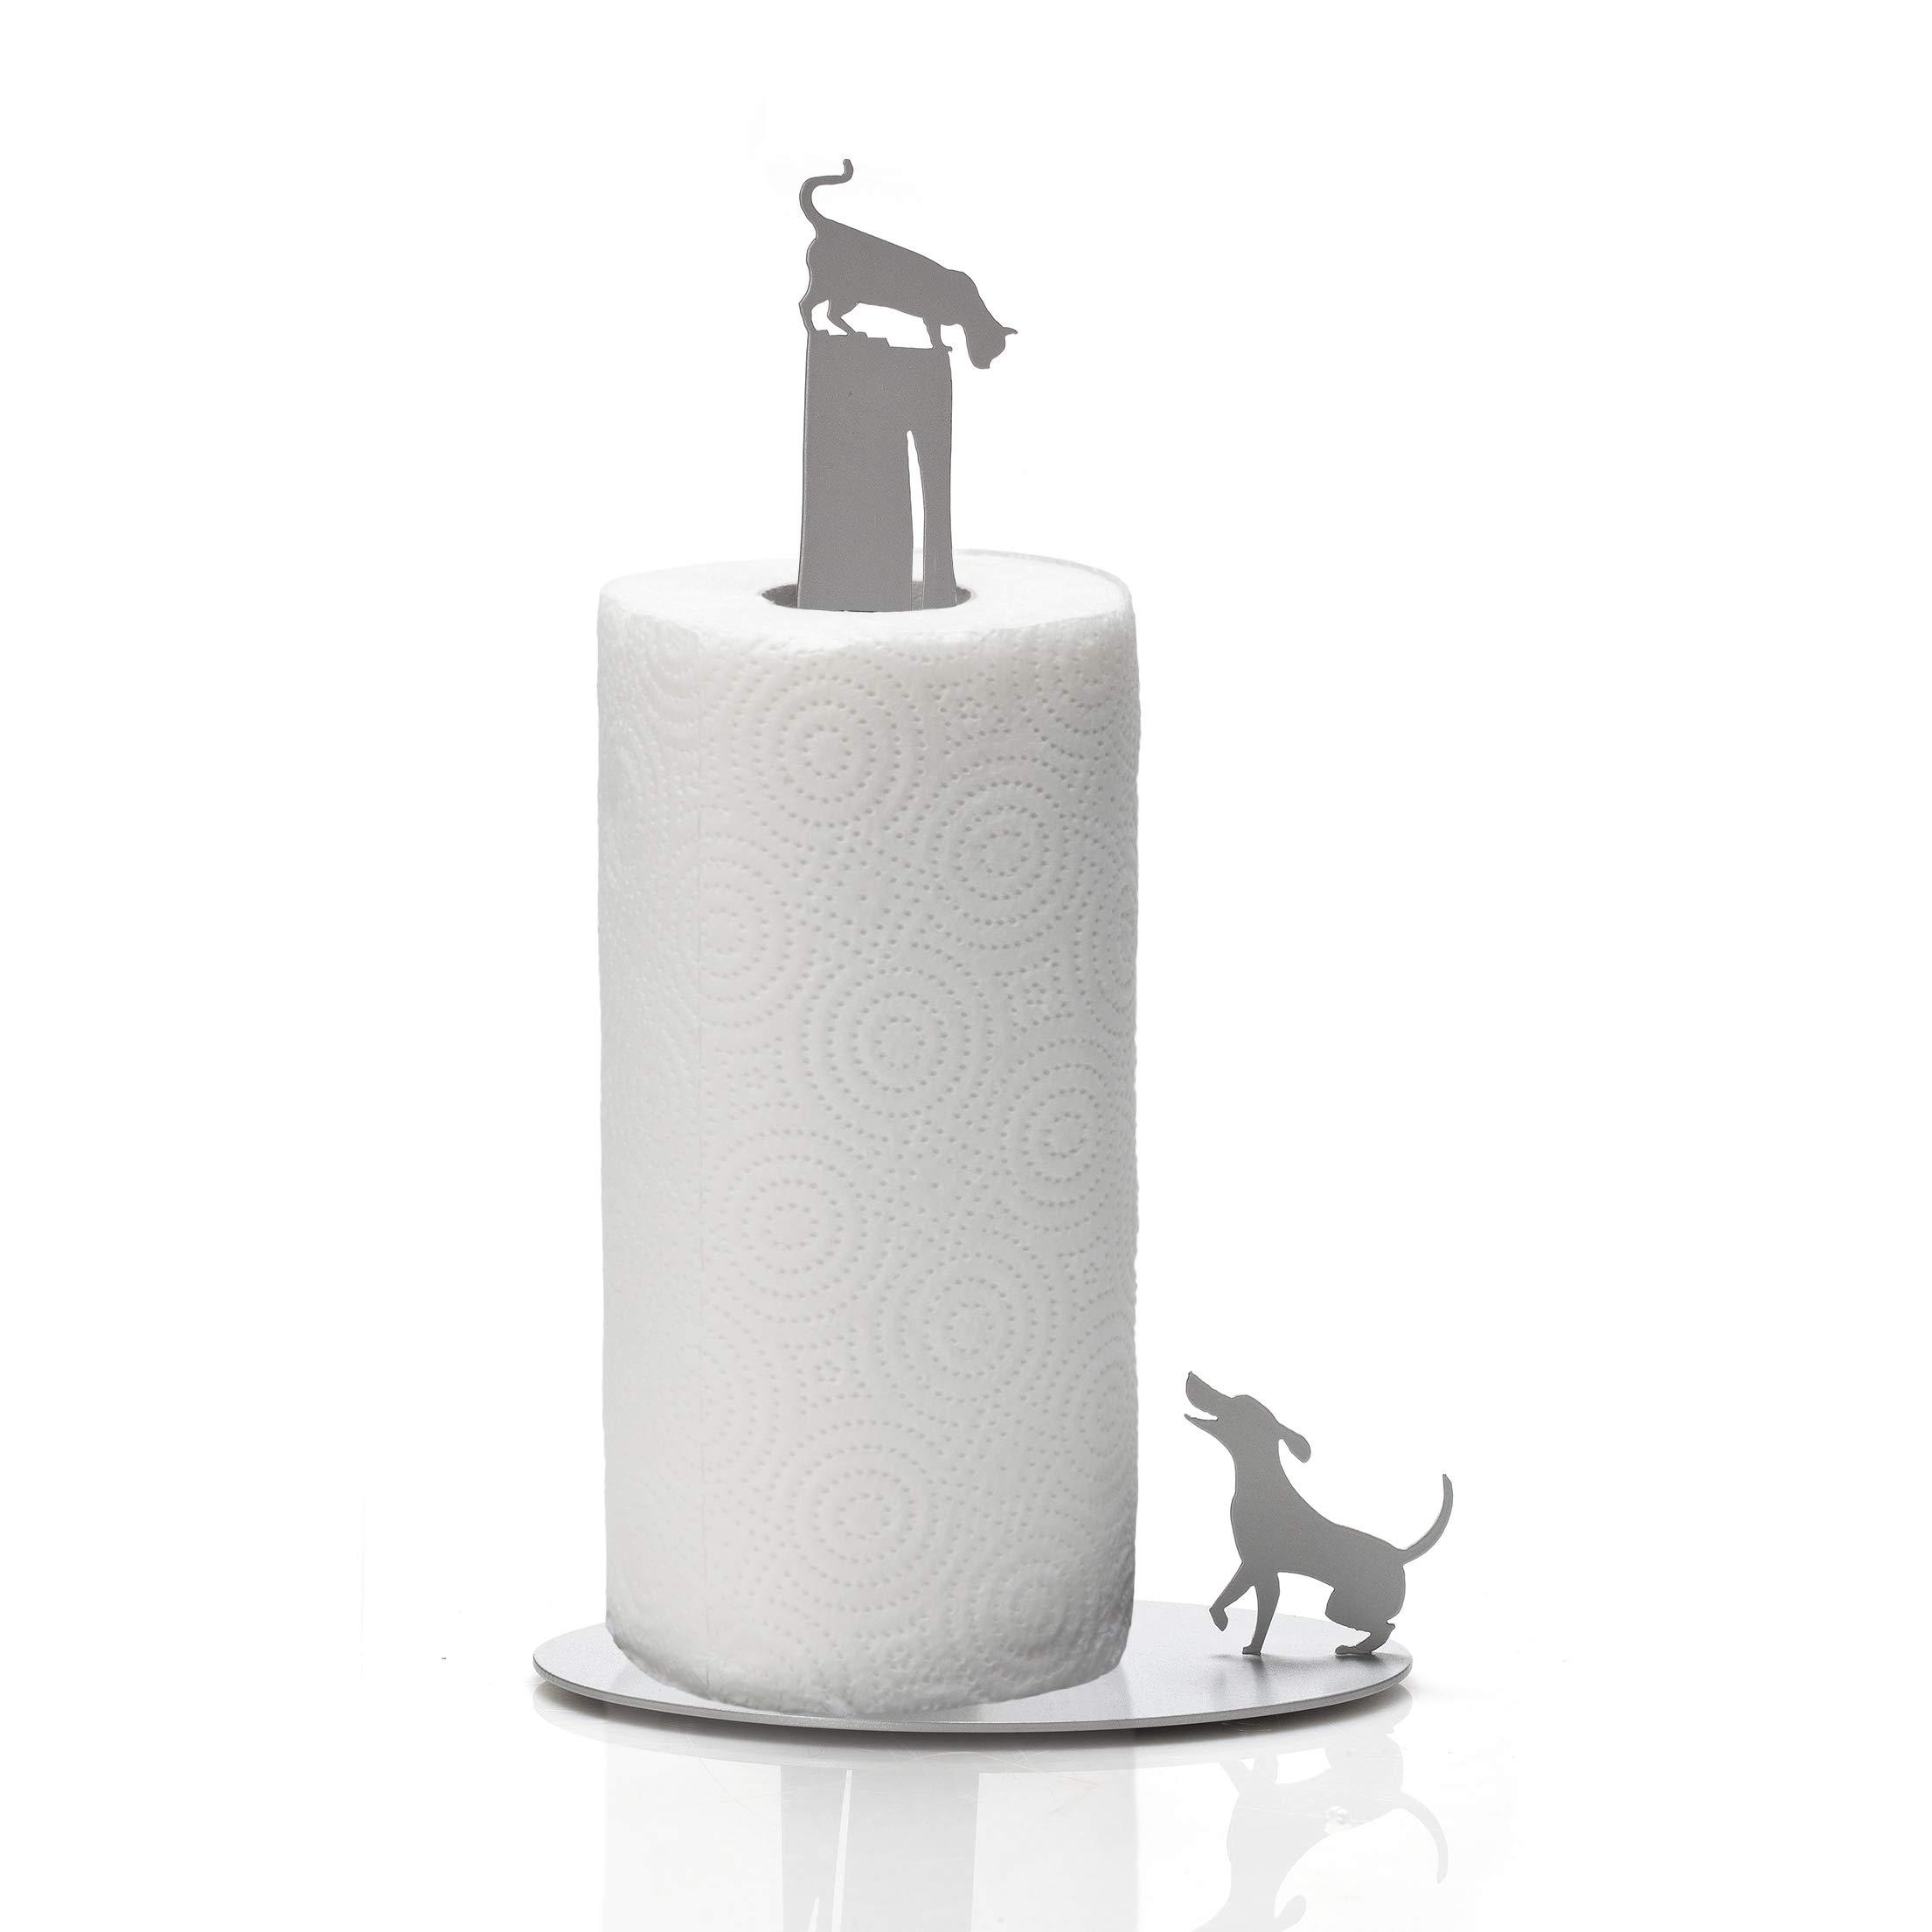 Artori Design Dog vs Cat | Paper Towel Stand Holder | Cute Design Rack